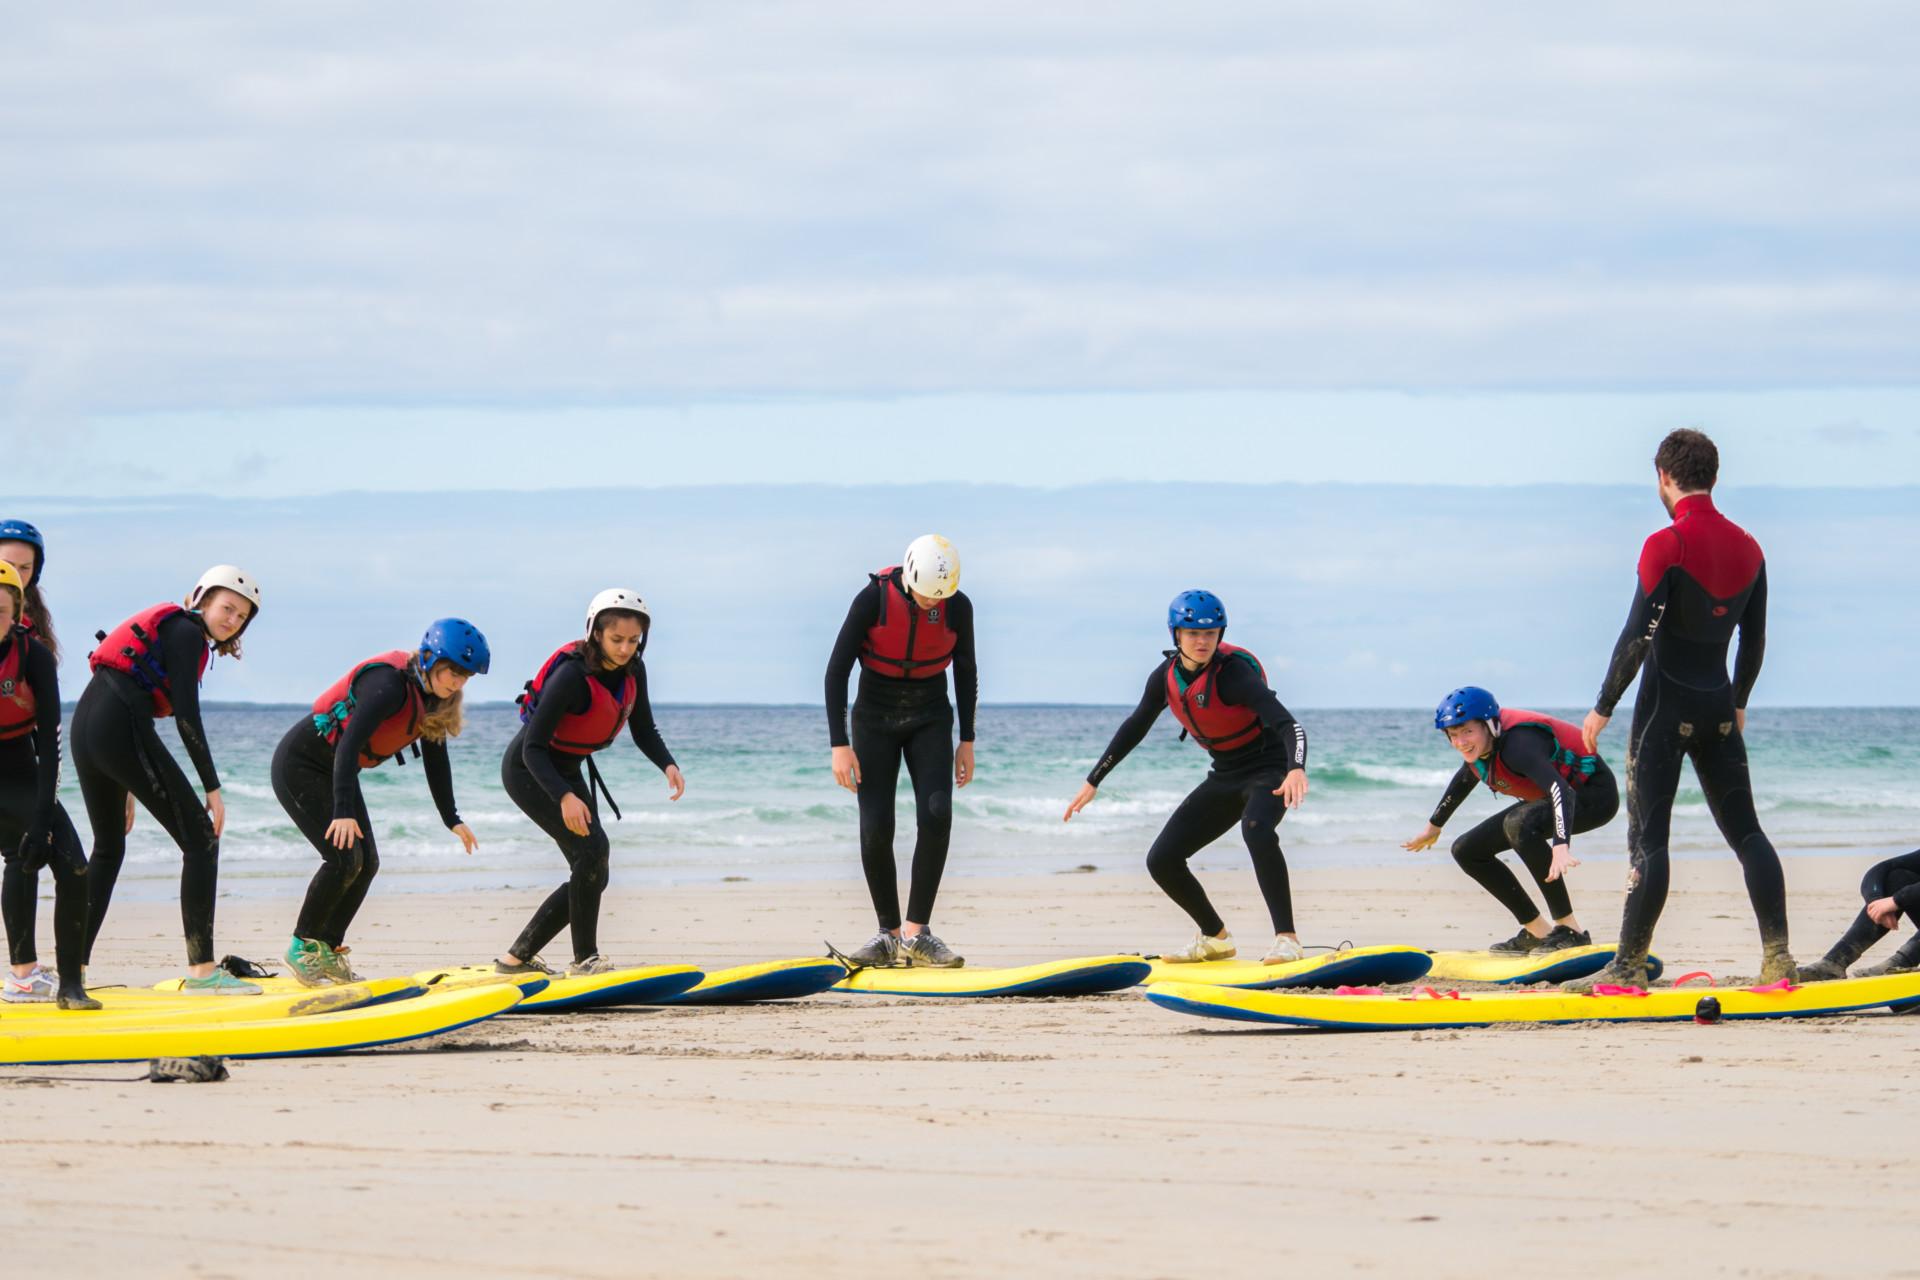 colaiste Uisce surfing